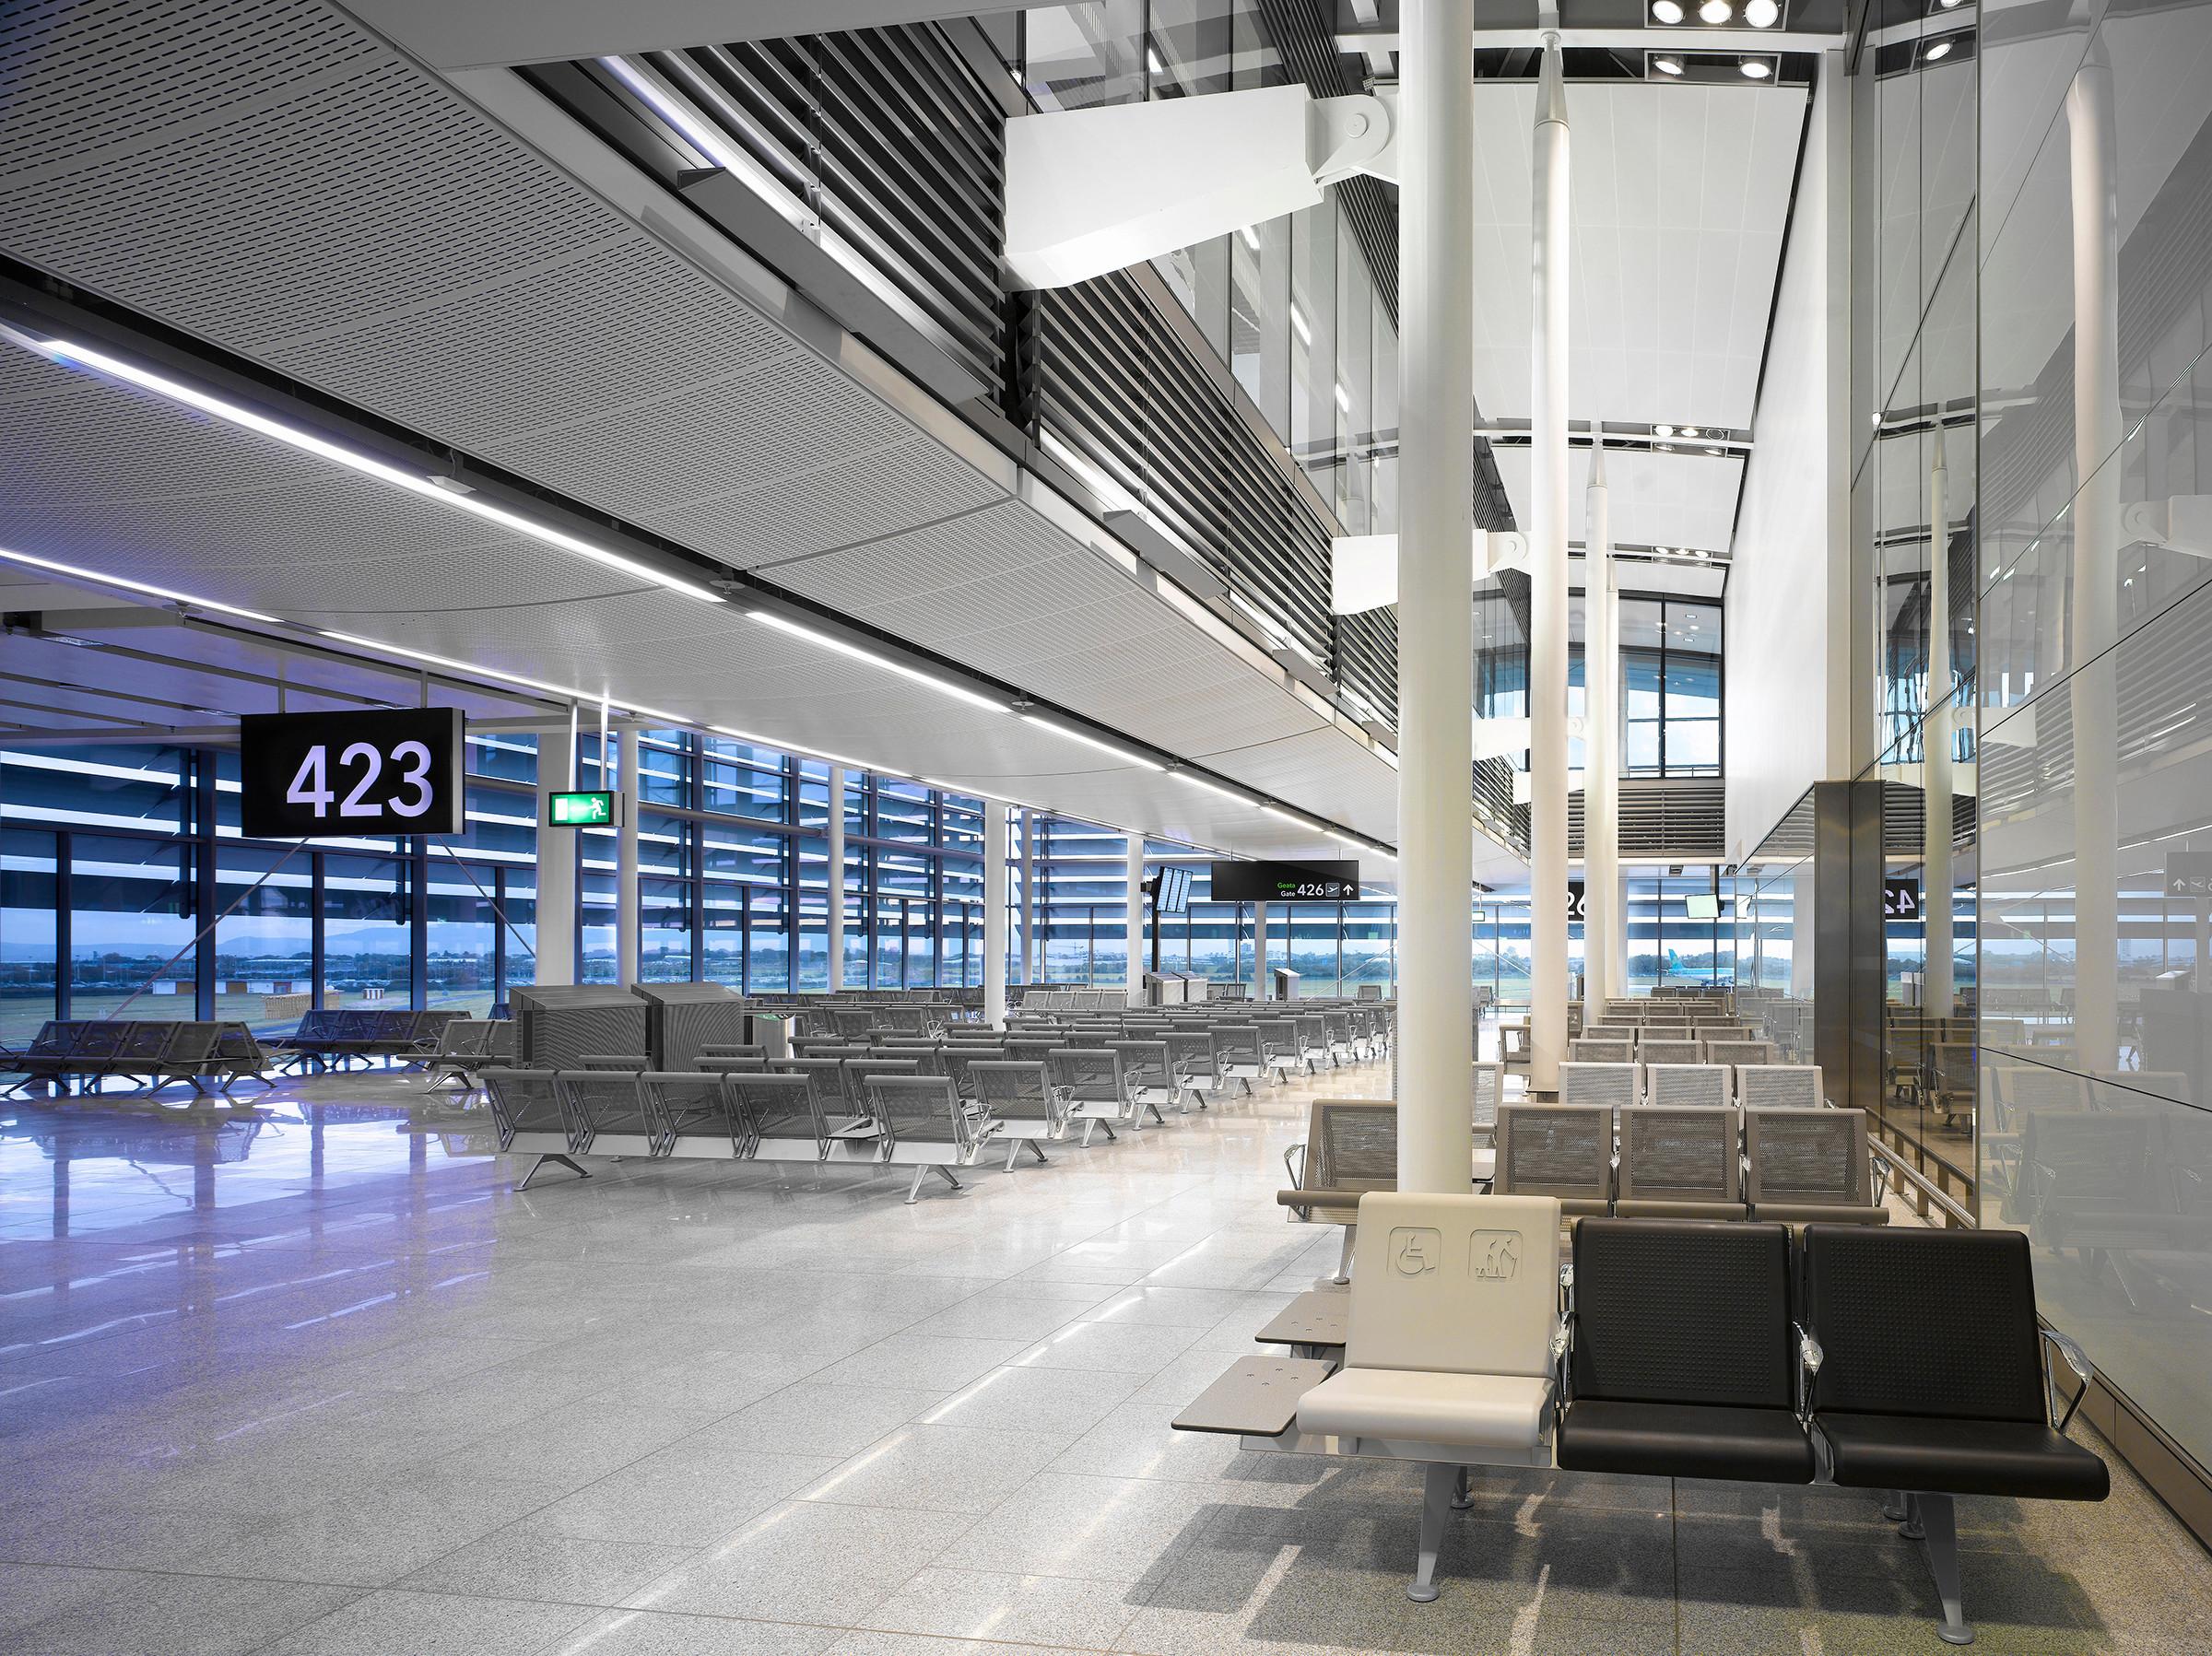 omk public seating dublin airport terminal trax